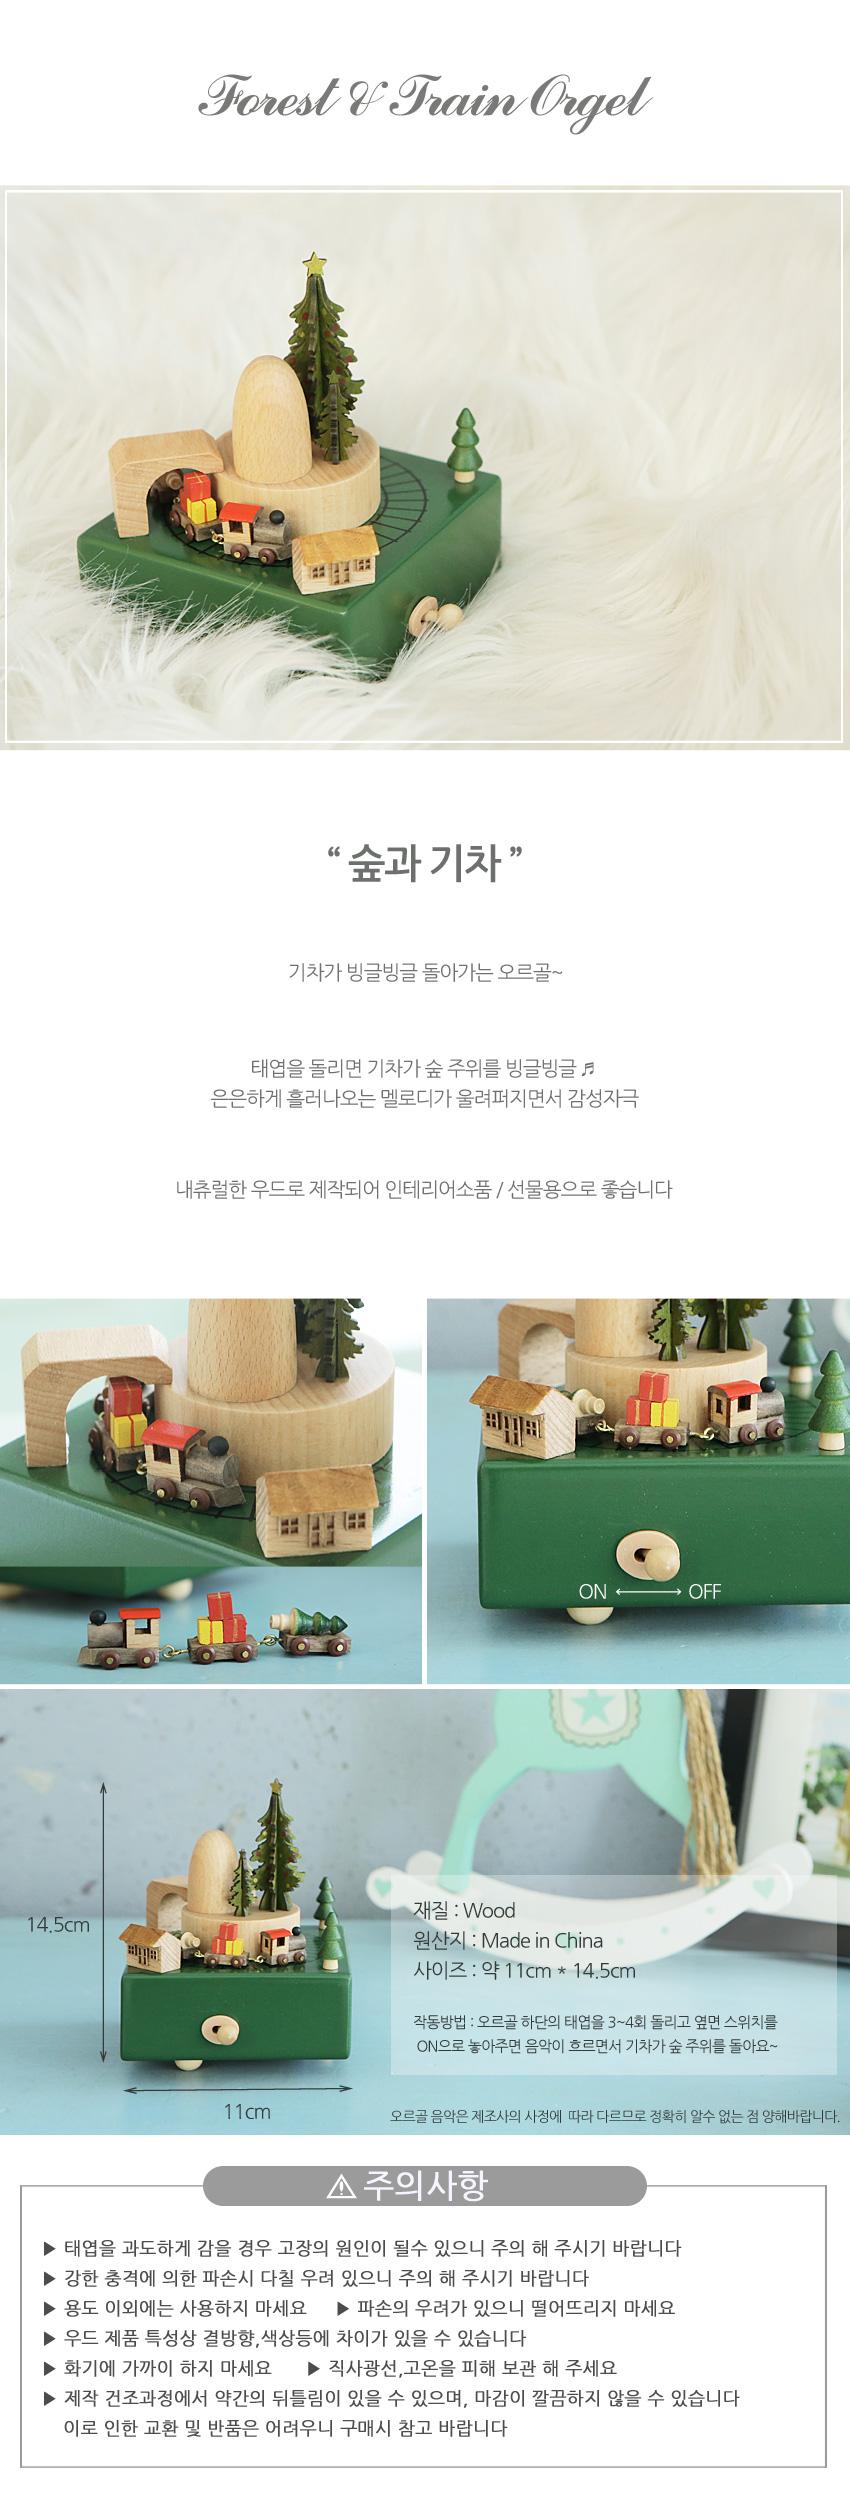 숲과기차 오르골 뮤직박스 인테리어소품 완구 장난감 - 알사탕닷컴, 35,400원, 조화, 카네이션(조화)